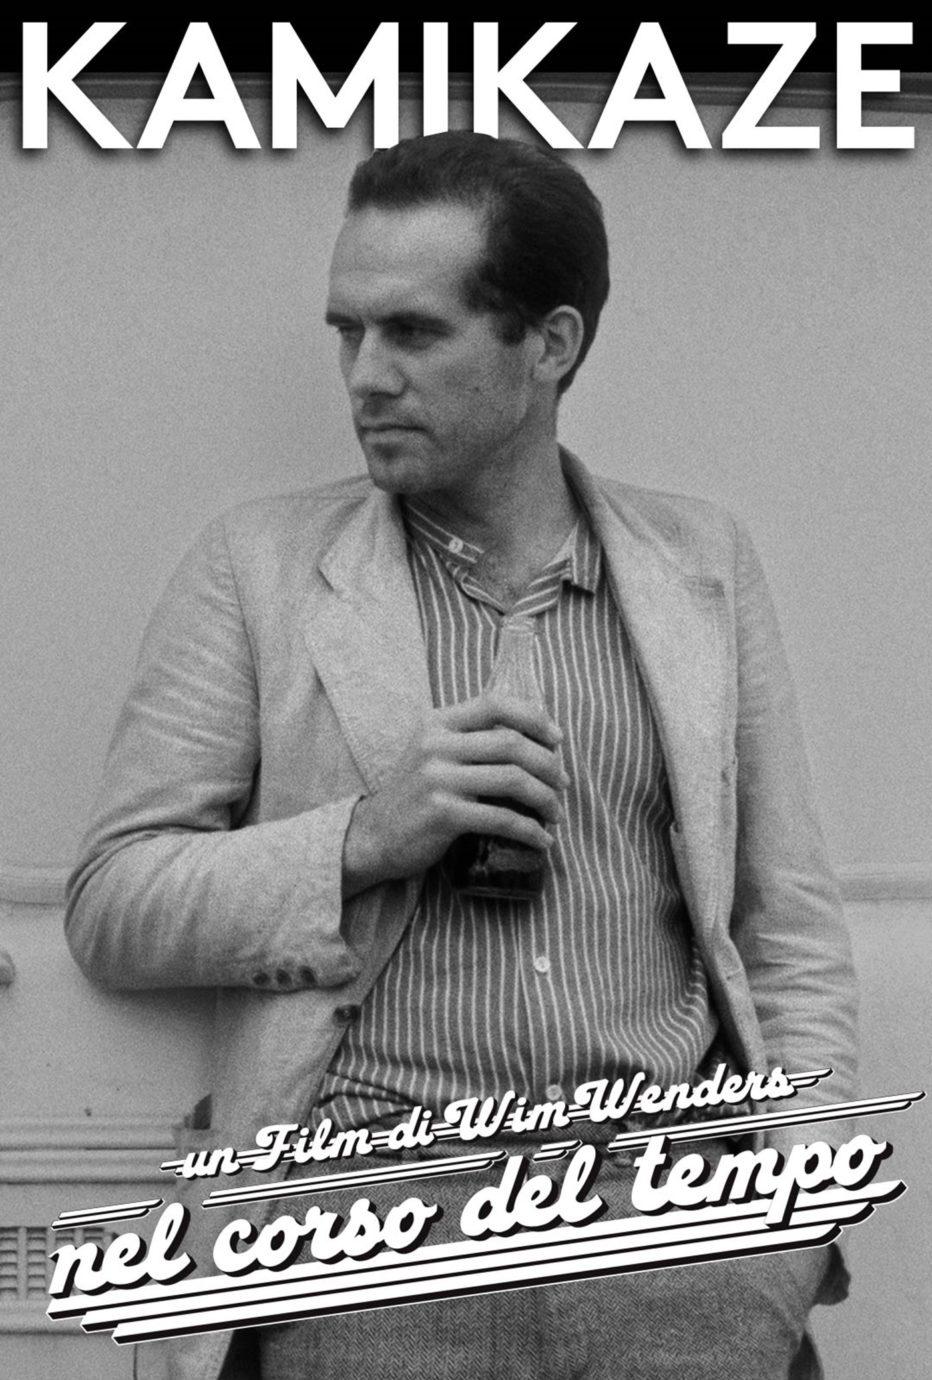 nel-corso-del-tempo-1976-Wim-Wenders-004.jpg